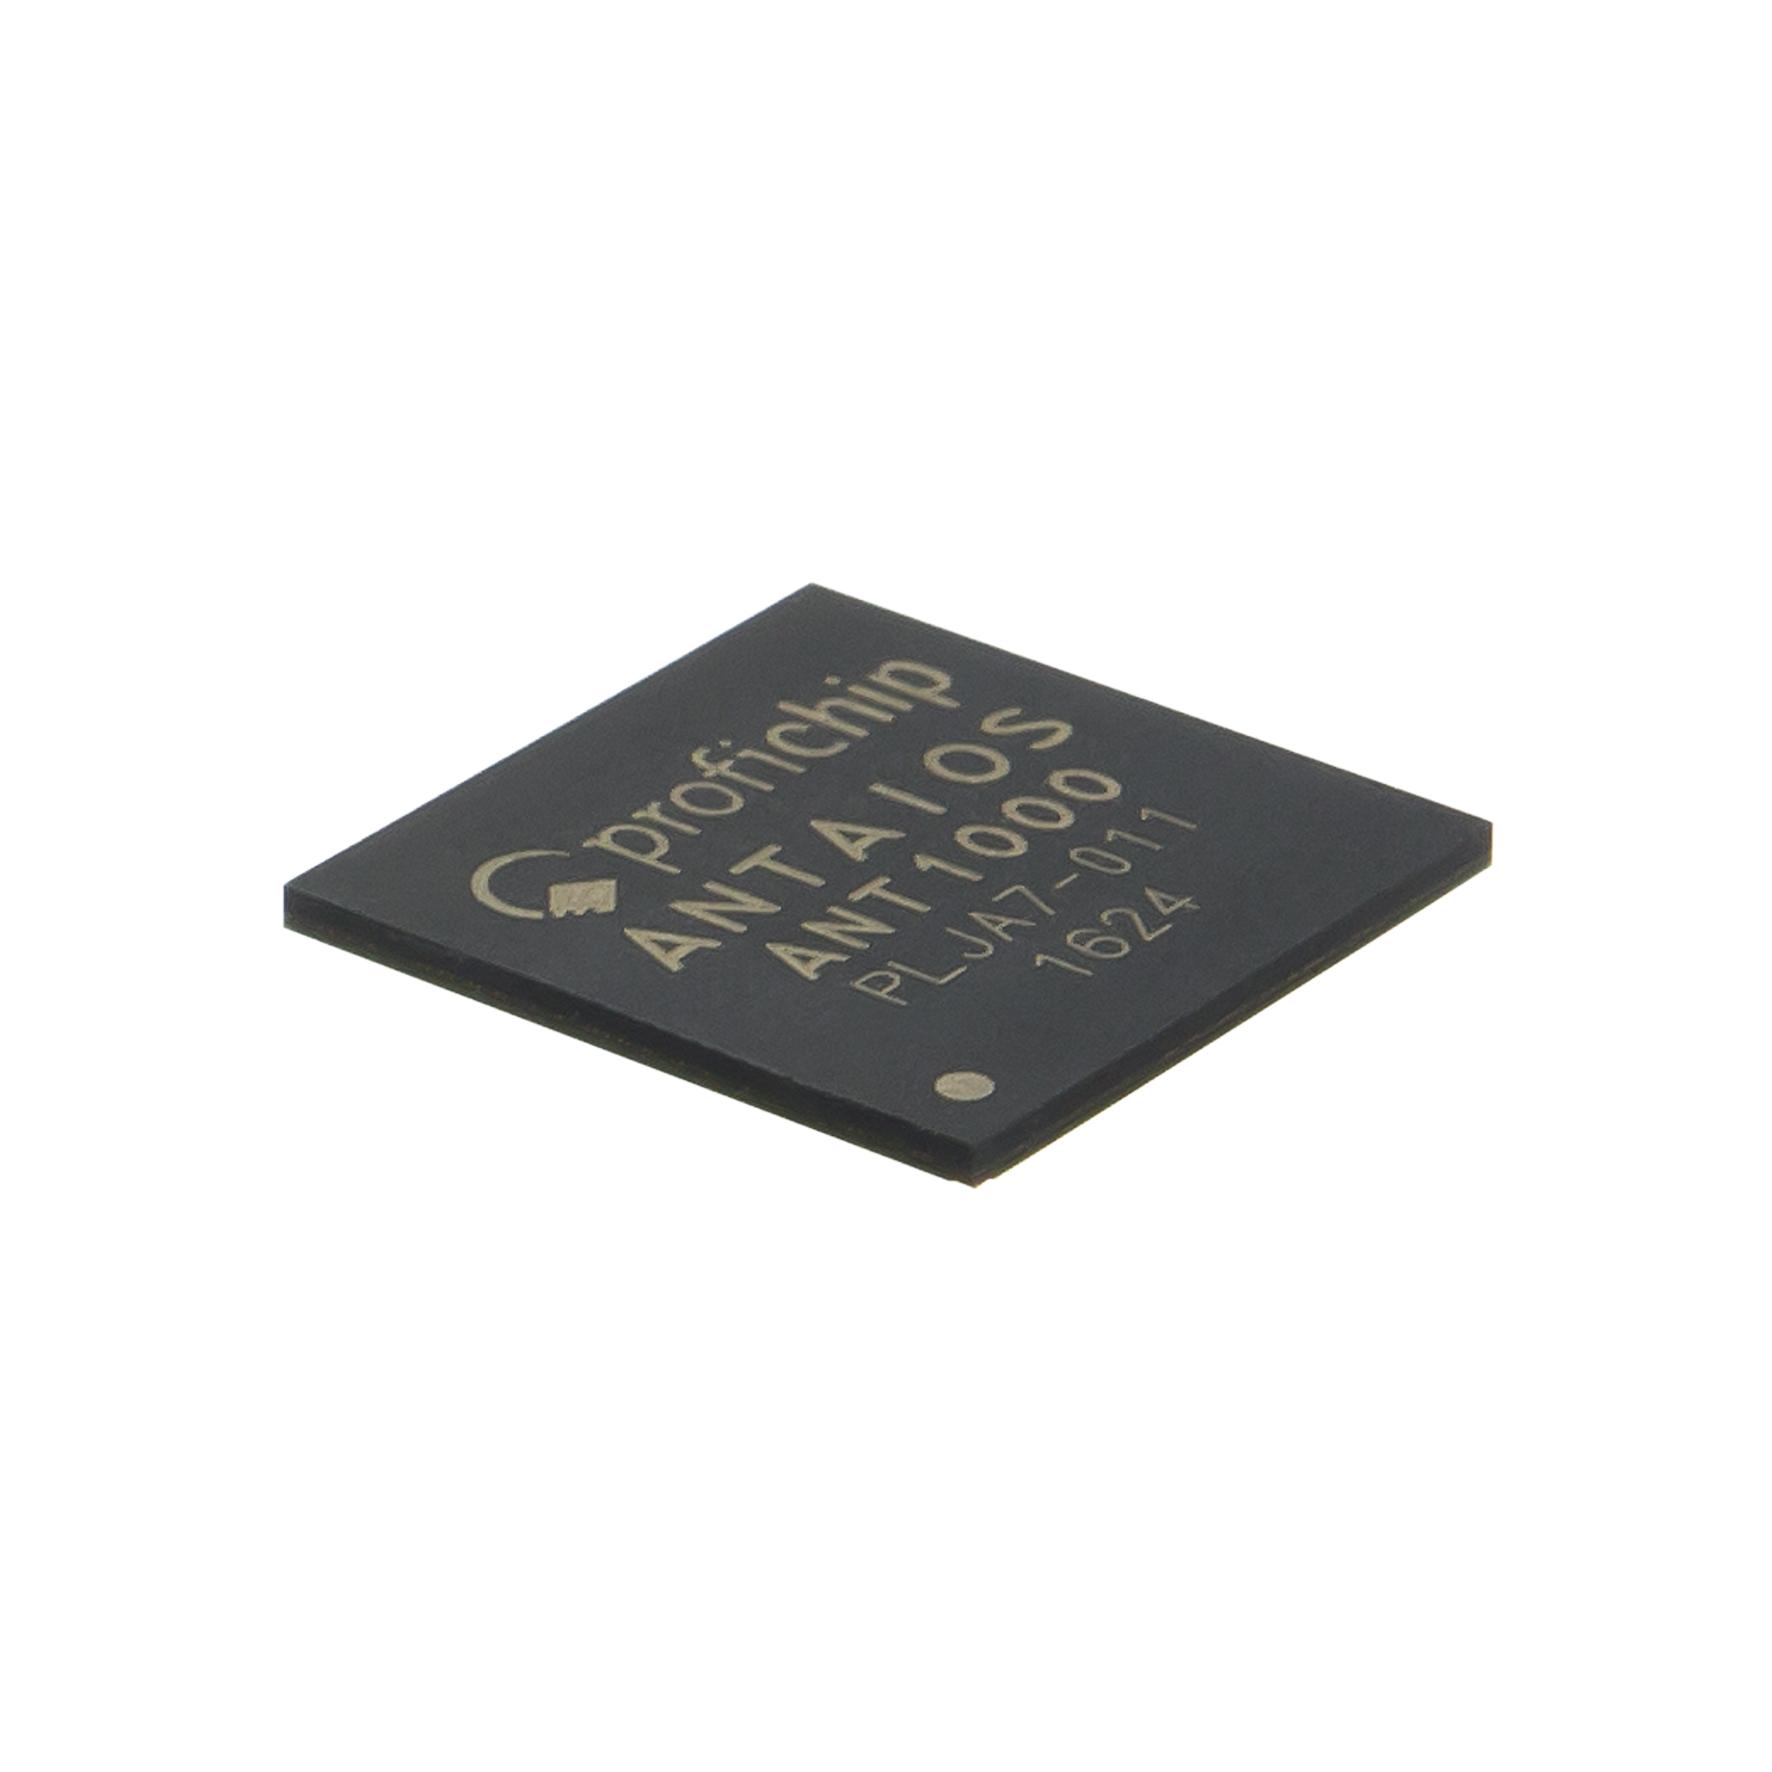 Kommunikations-Chips für Echtzeitanwendungen